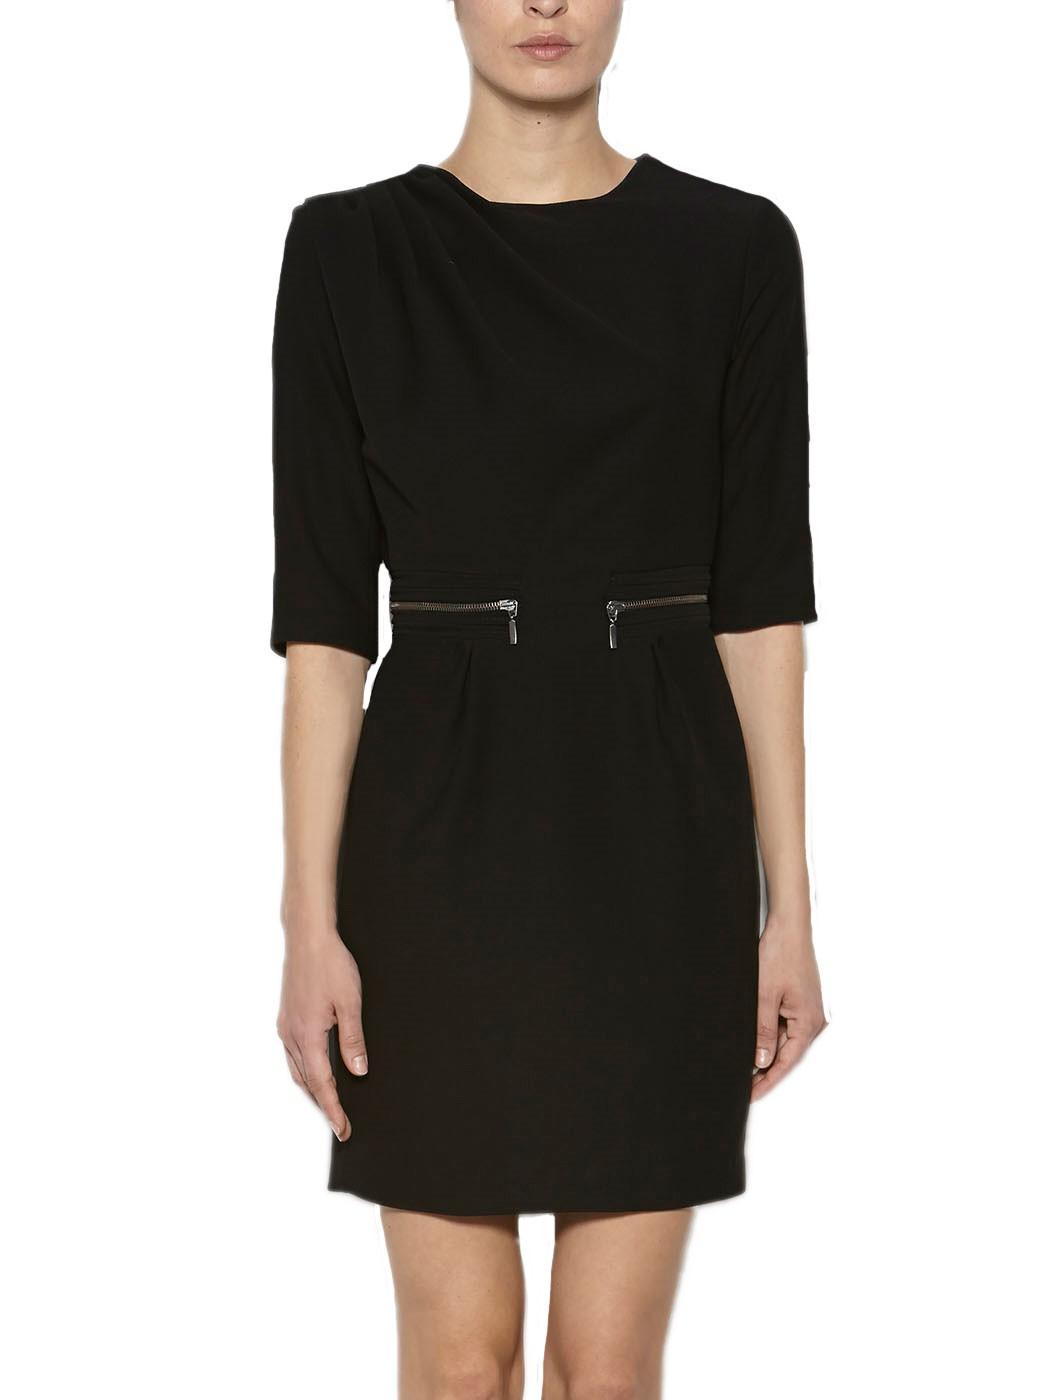 Etui Kleid in Schwarz